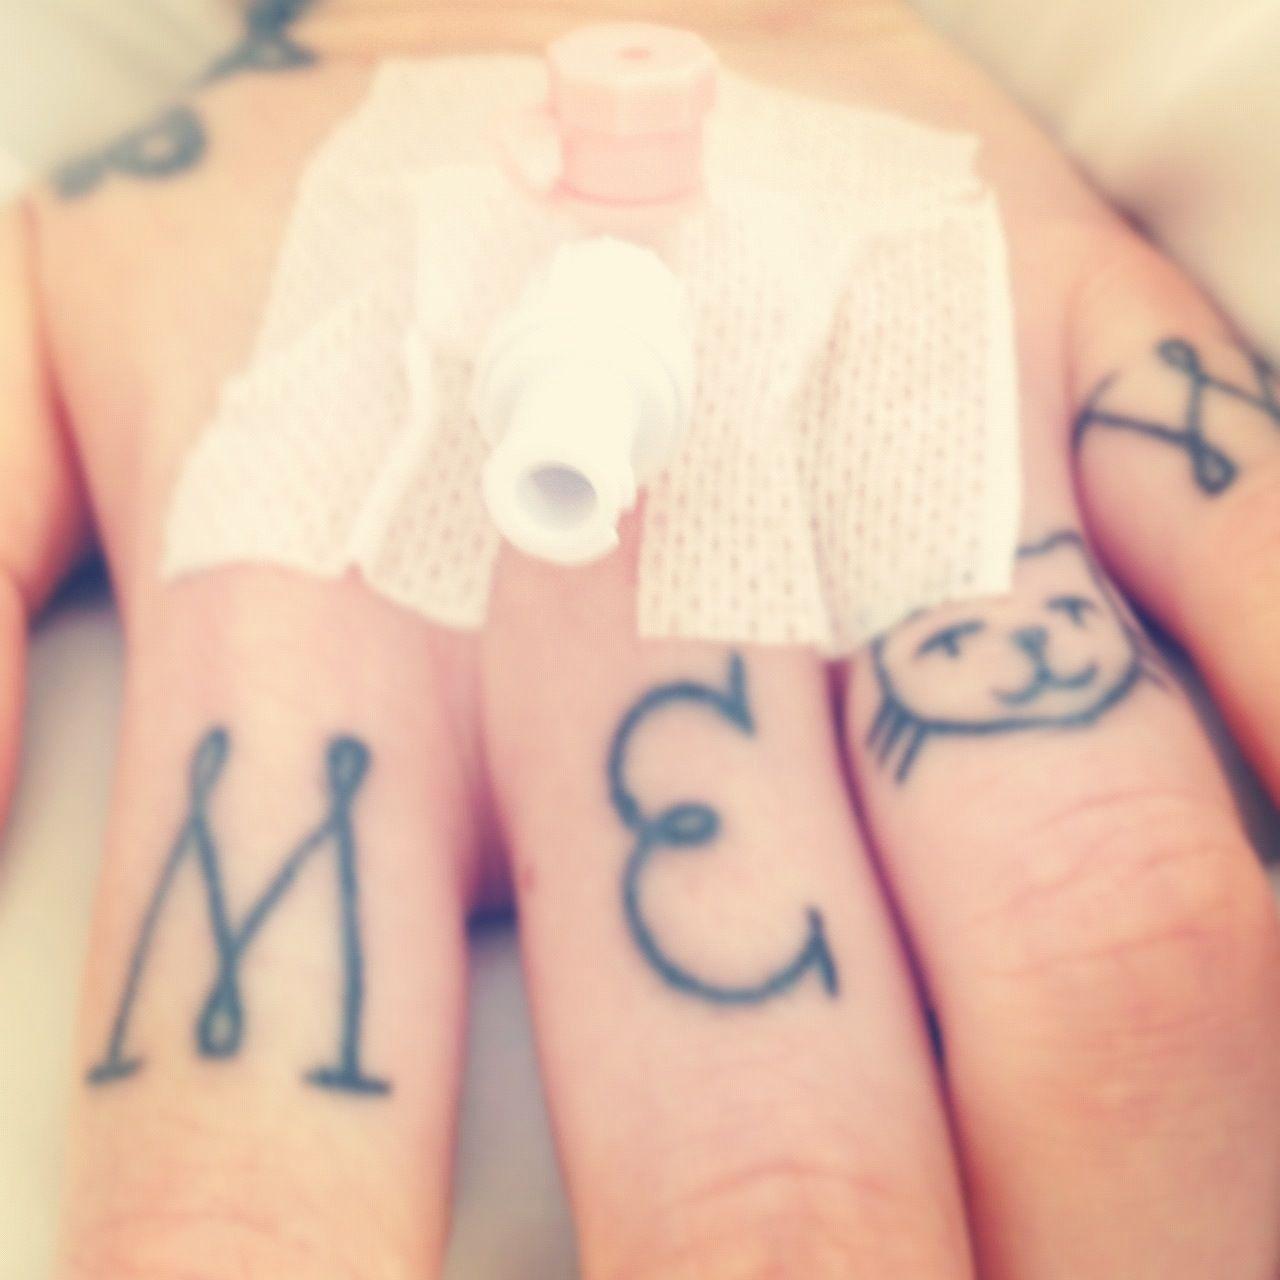 http://tattoo-ideas.us finger tattoo